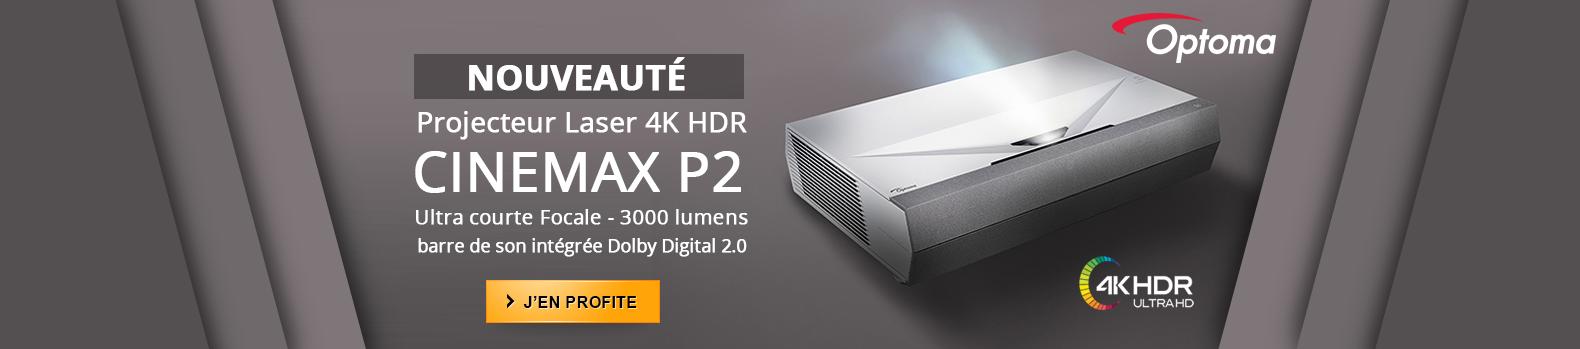 Nouveau projecteur Ultra courte Focale Optoma : Cinemax P2